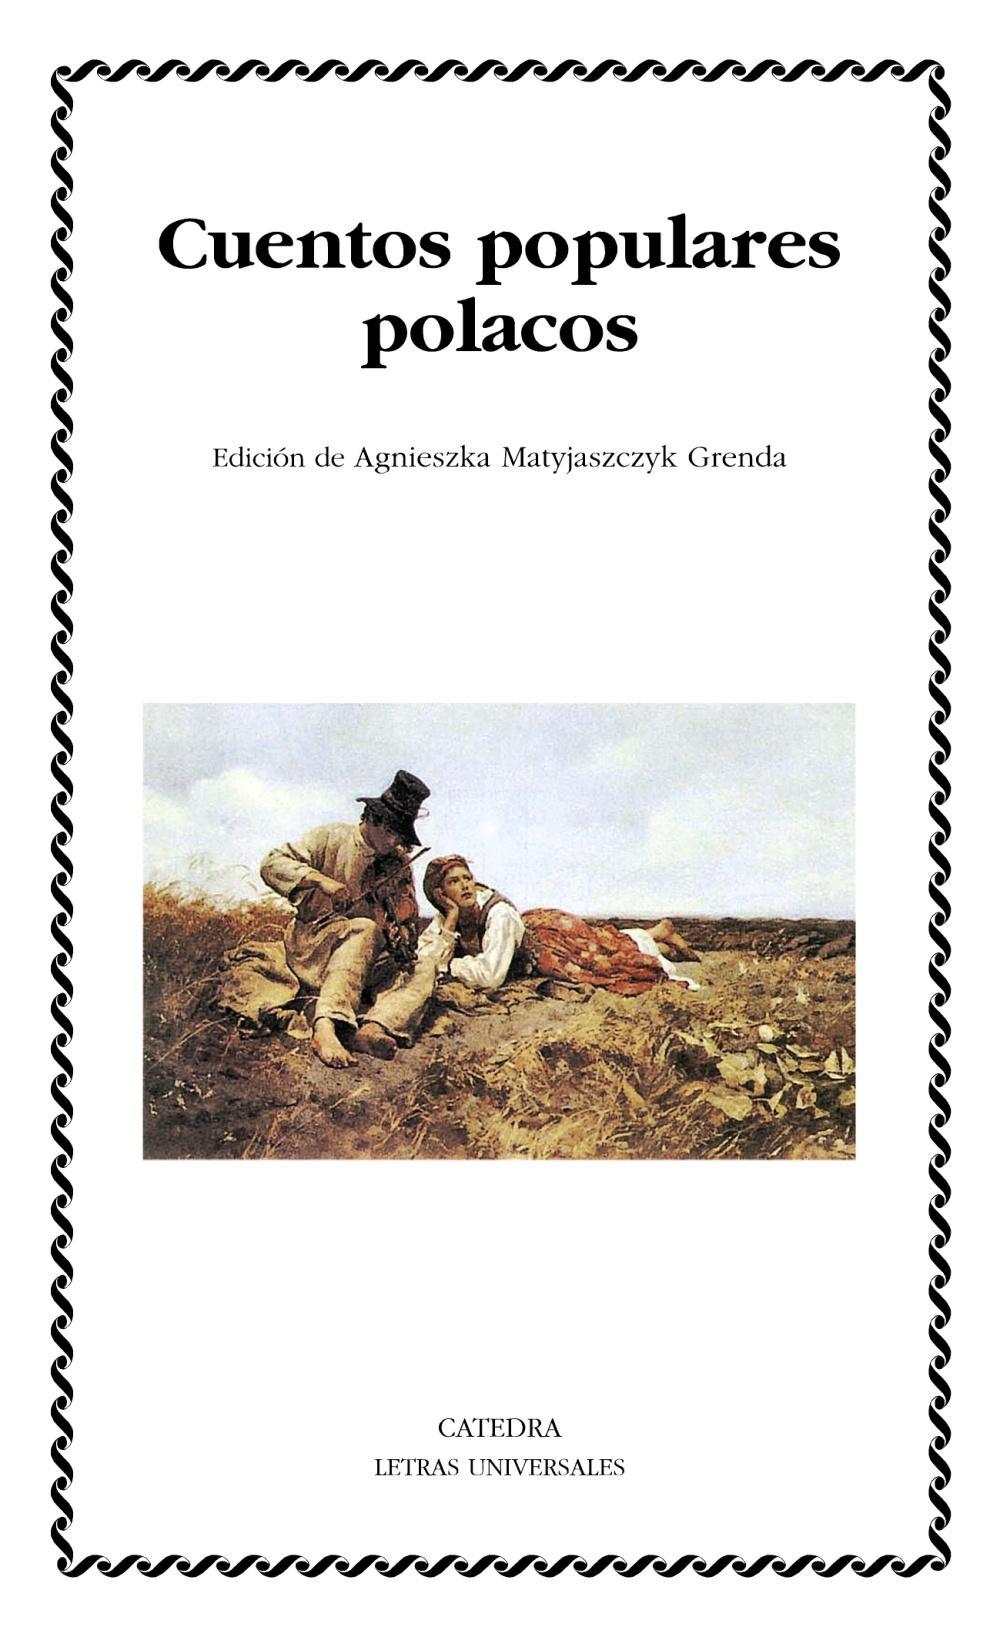 Cuentos populares polacos